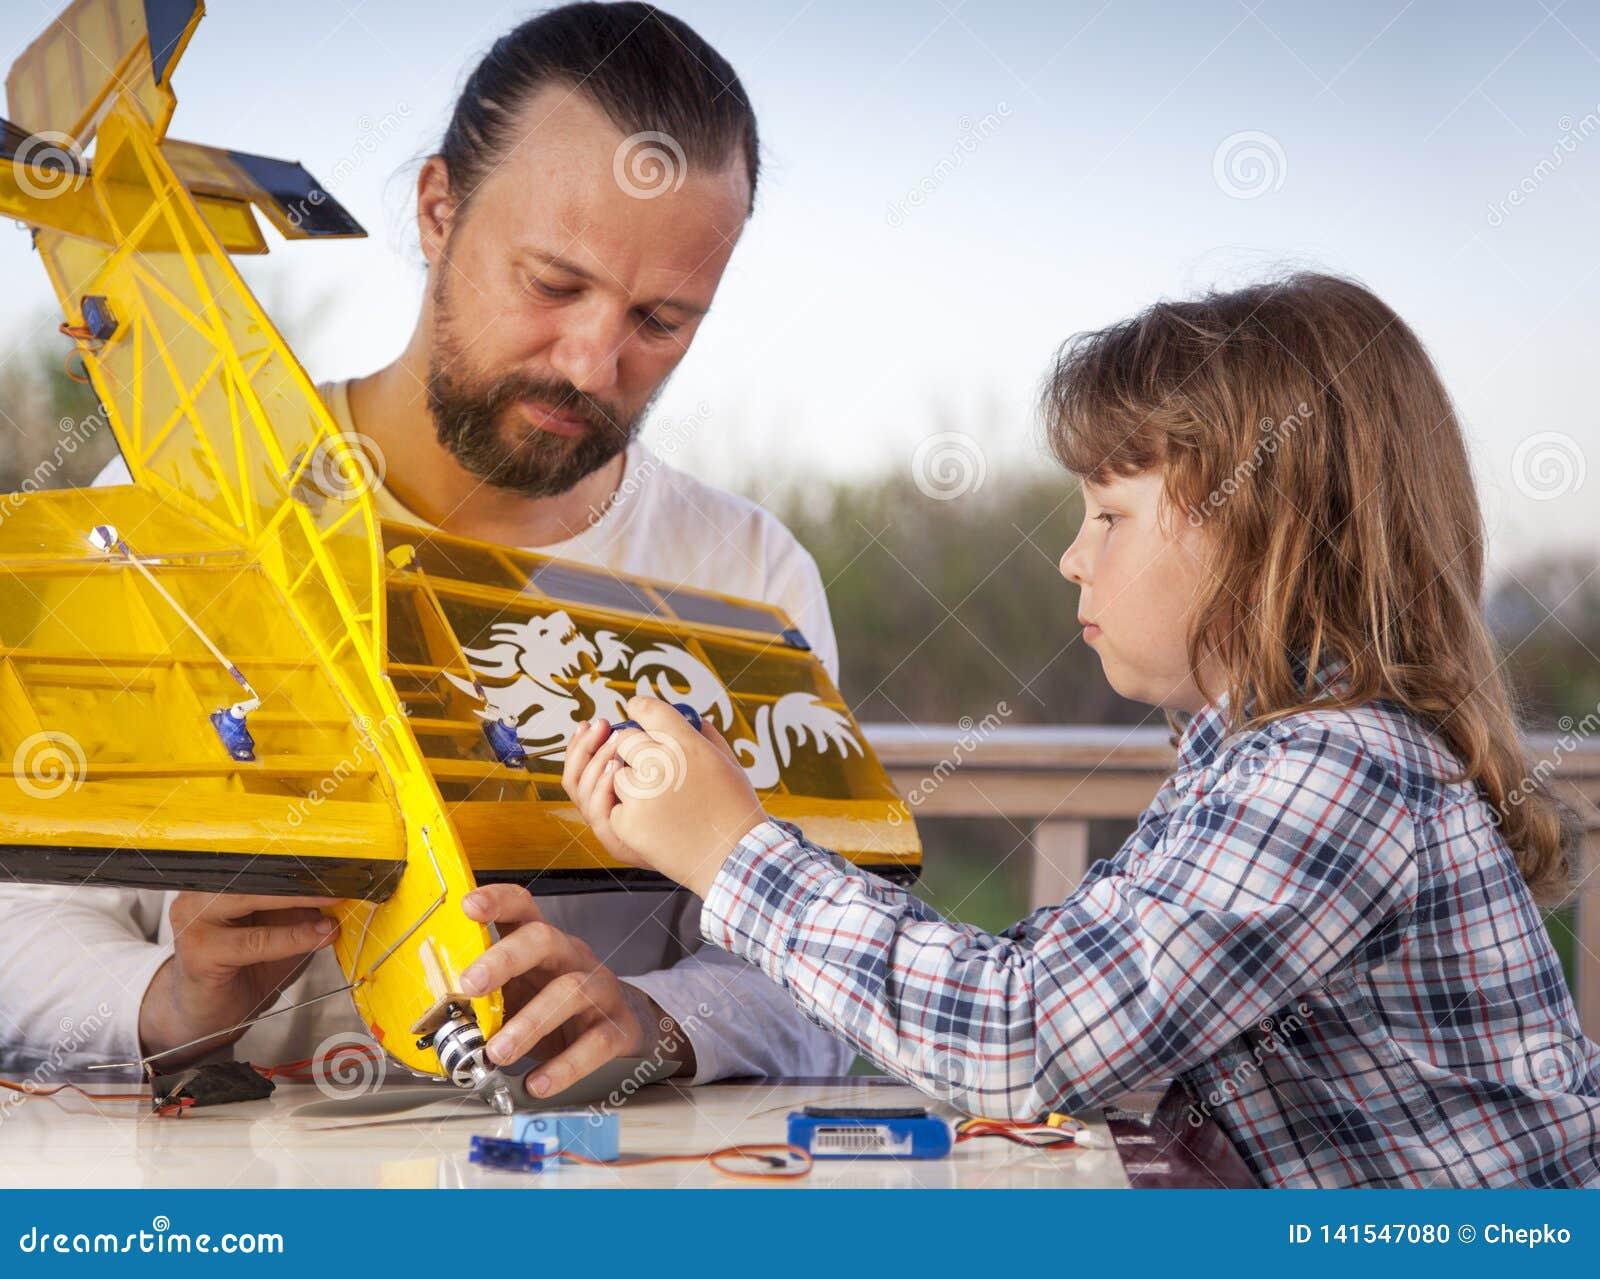 Sonen och fadern gjorda hemlagade radio-kontrollerade flygplanet för modellflygplan är handen - gjord inte copyright